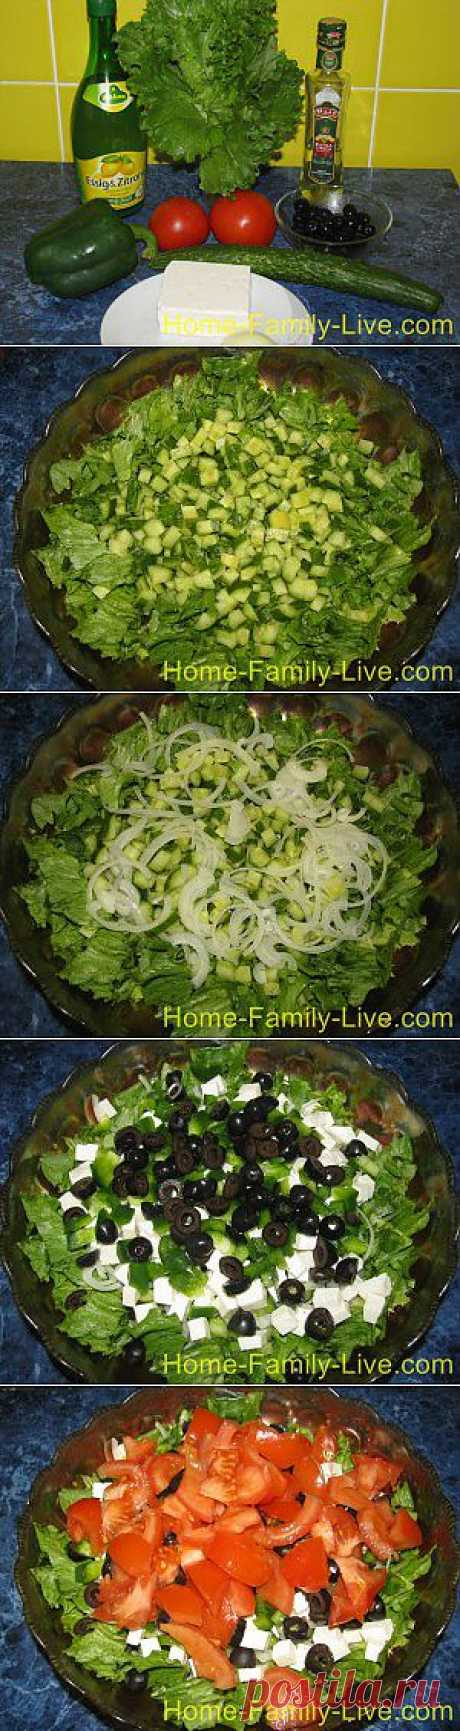 Кулинарные рецепты Салат Греческий рецепт с пошаговым фото греческий салат